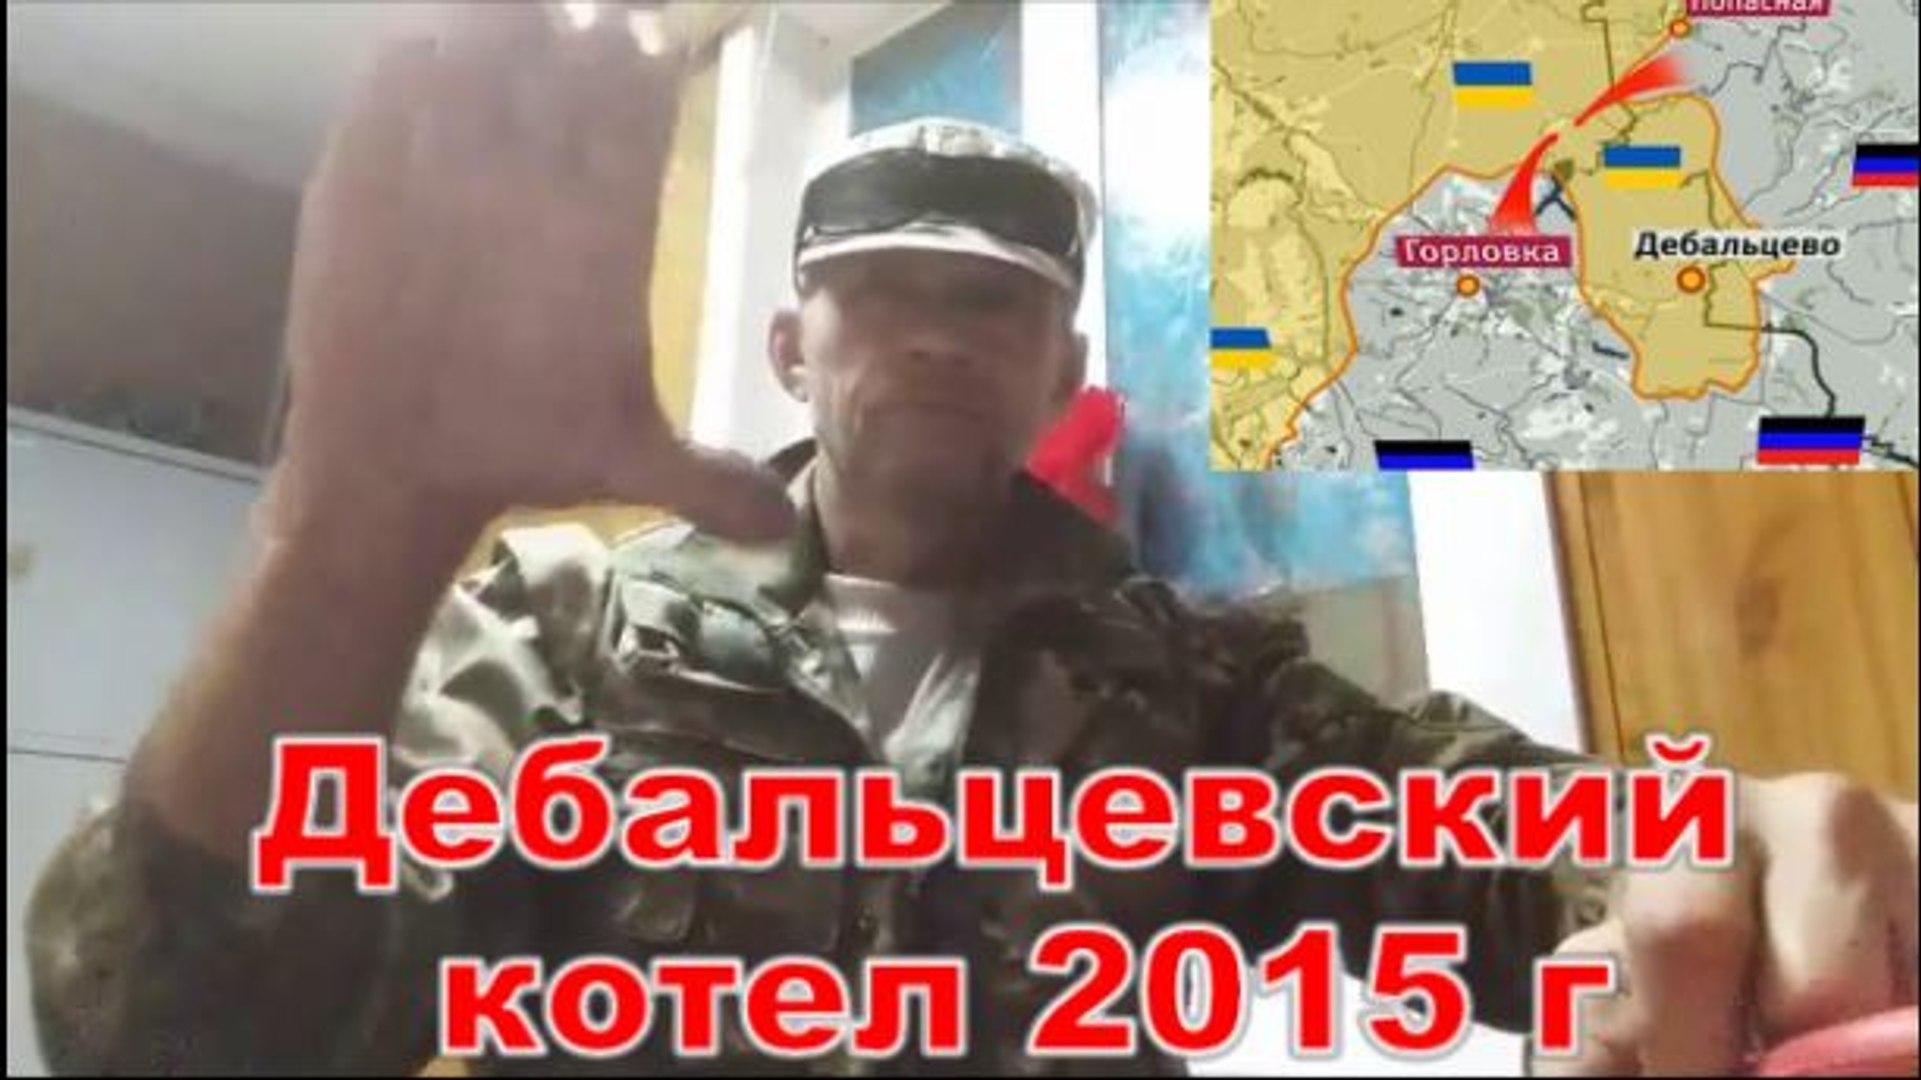 Дебальцевский котел 2015 г